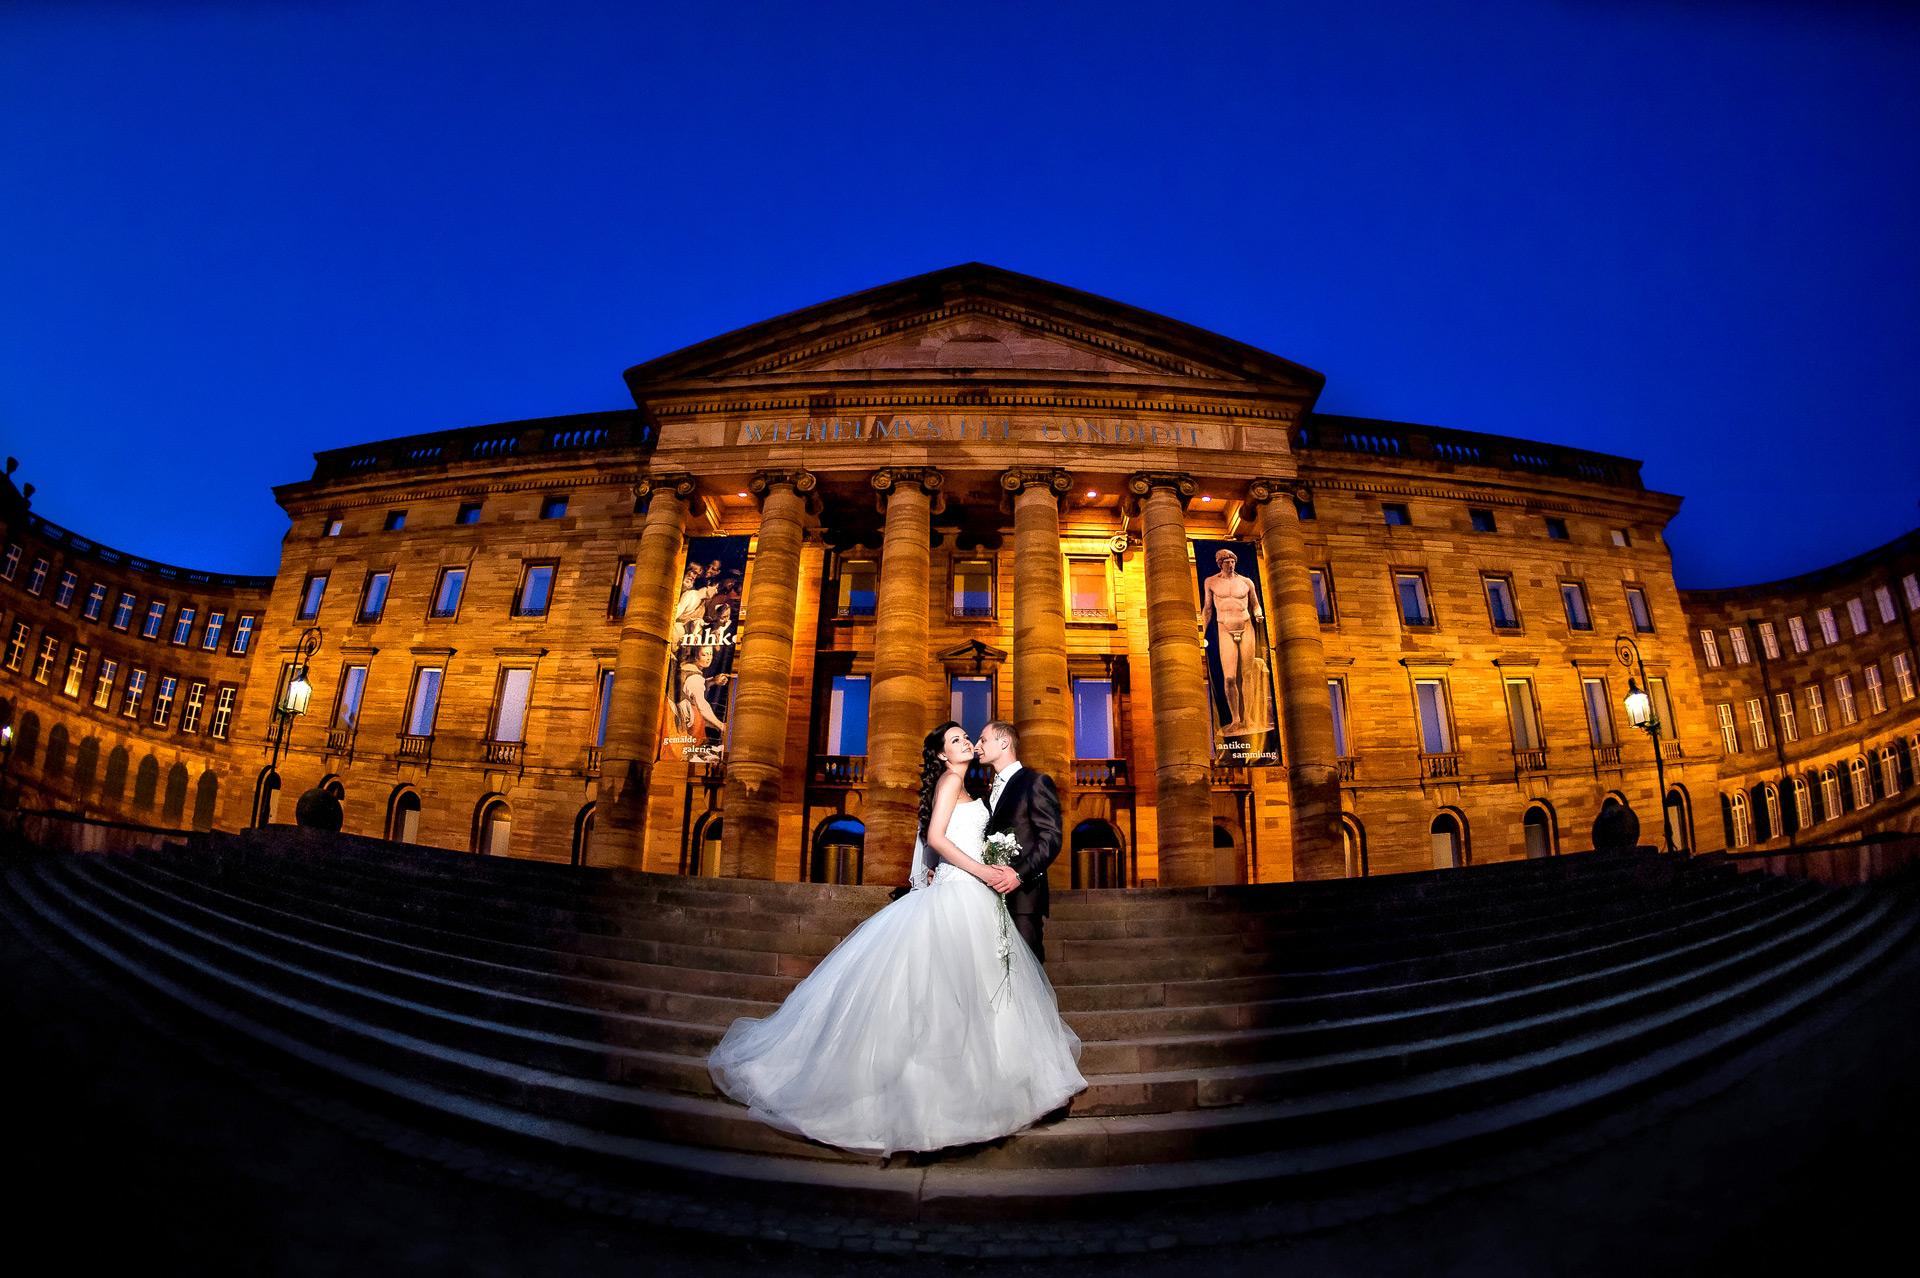 Vitali Gumann Hochzeitsfotograf Kassel Professionelle Foto und Video Produktion aus Kassel, Fotografie Nikon Canon SonyBrautstrausswerfen Bad Arolsenwww.happy-day-team.de Foto und Video aus Kassel